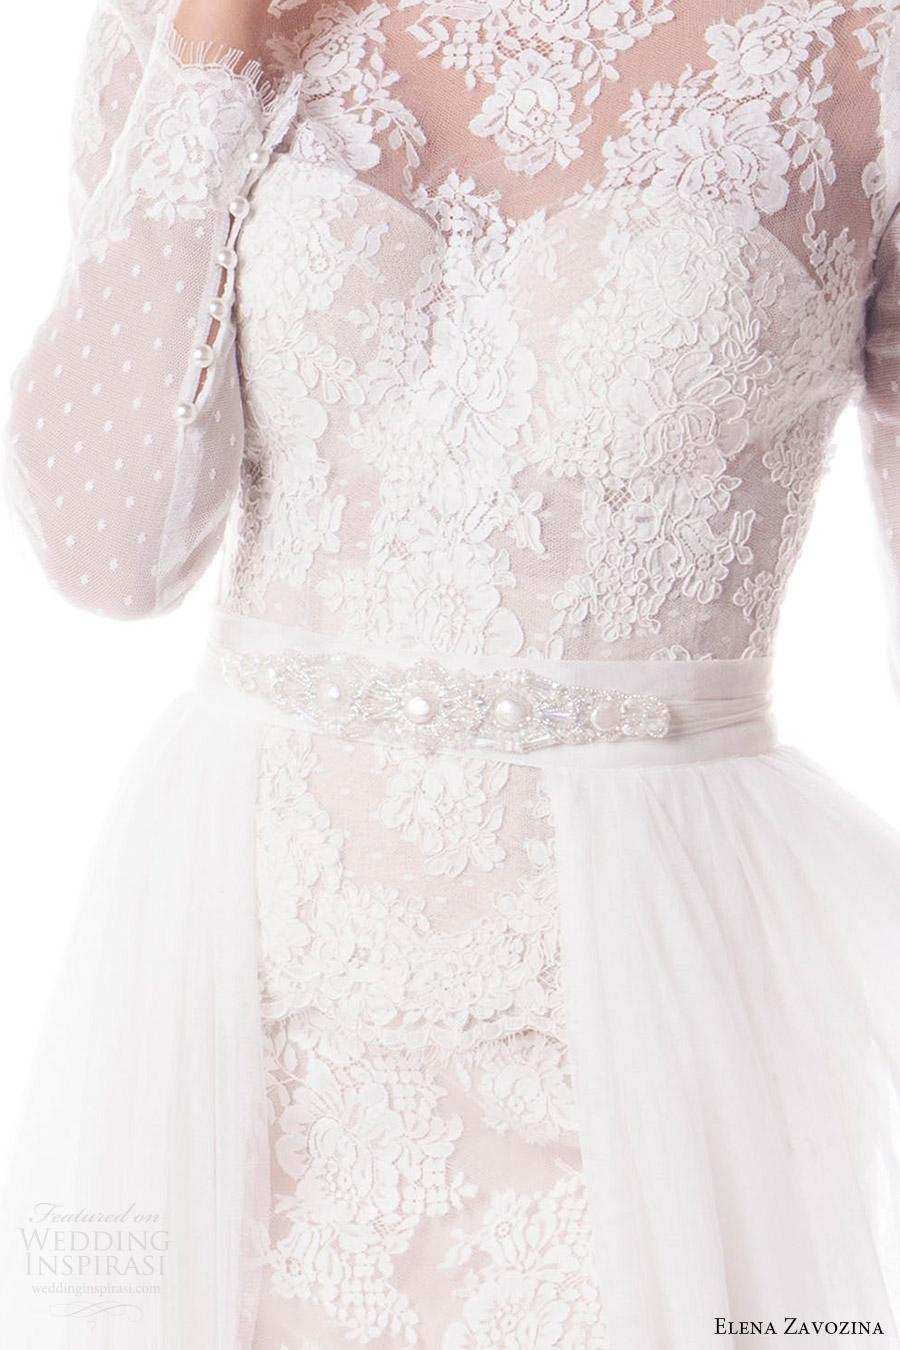 elena zavozina bridal accessories 2016 wedding pearl sash belt (viola) mv